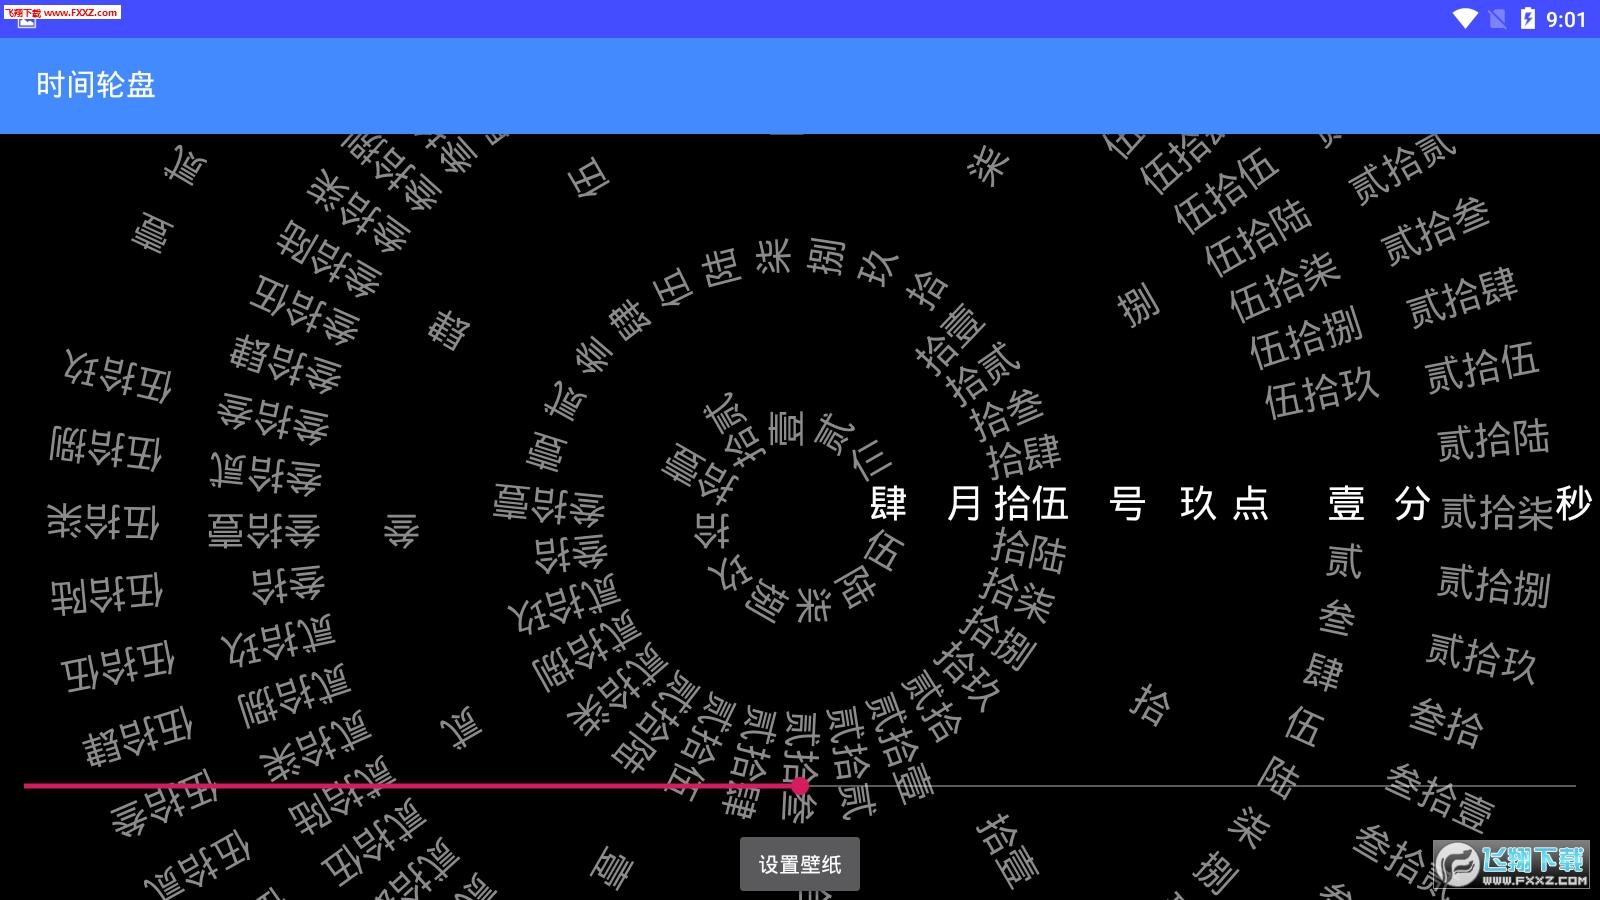 抖音时间轮盘动态壁纸v1.91截图1